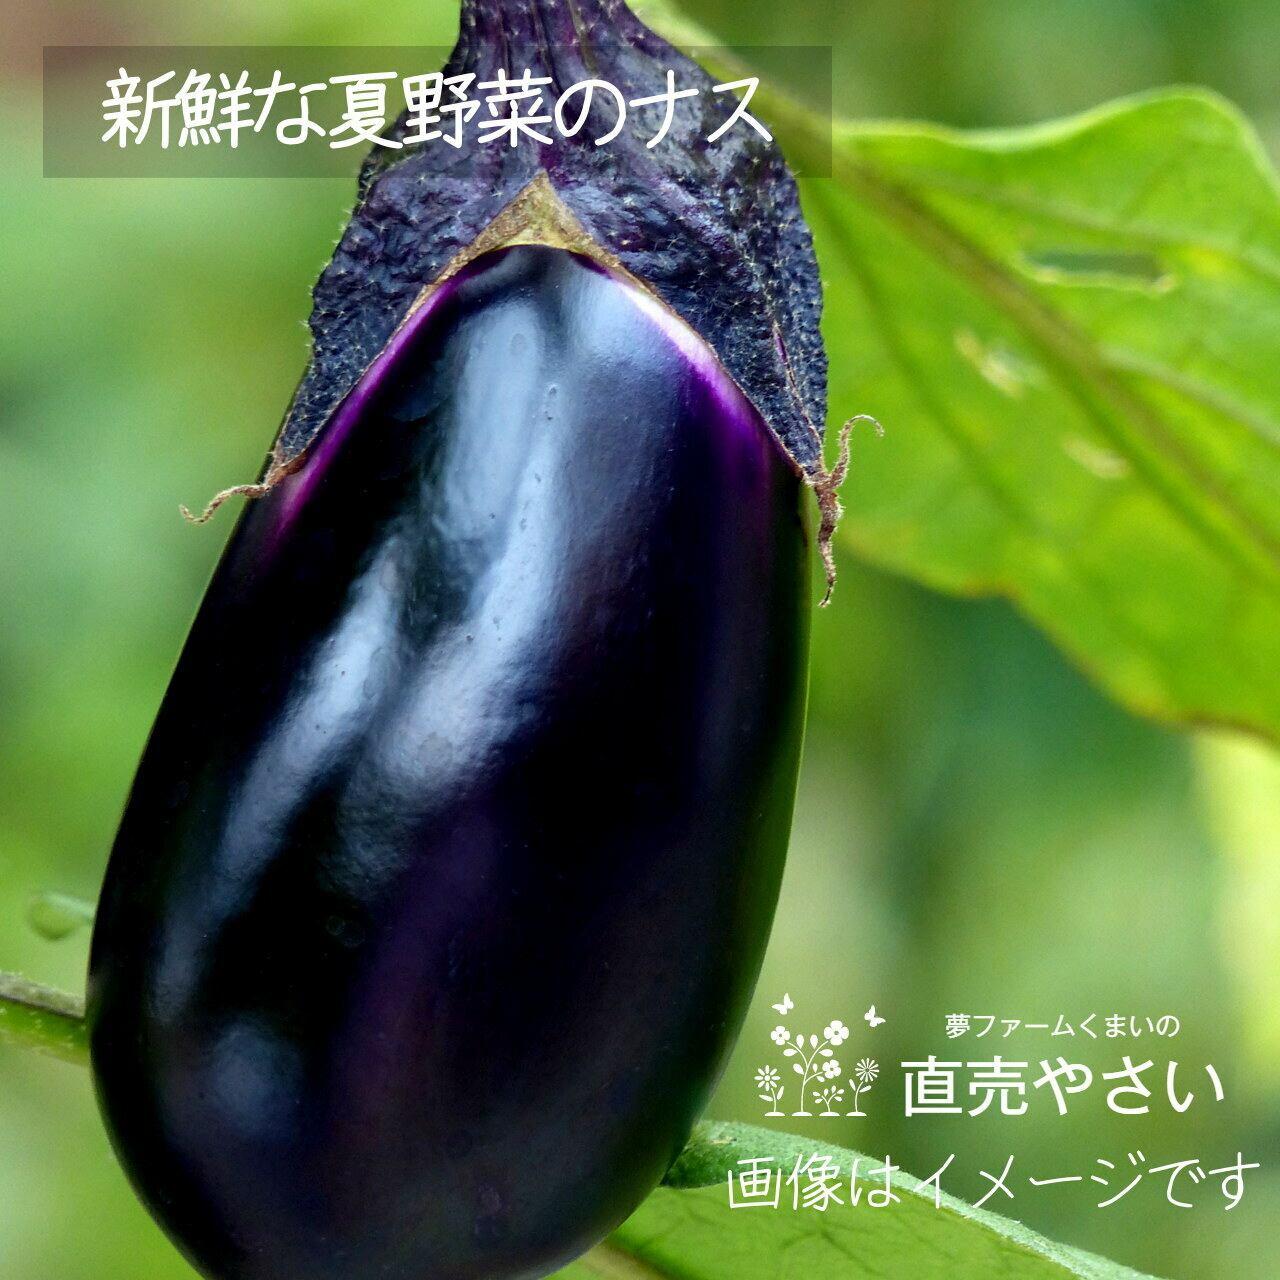 7月の新鮮な夏野菜 : ナス 約400g 朝採り直売野菜 7月17日発送予定